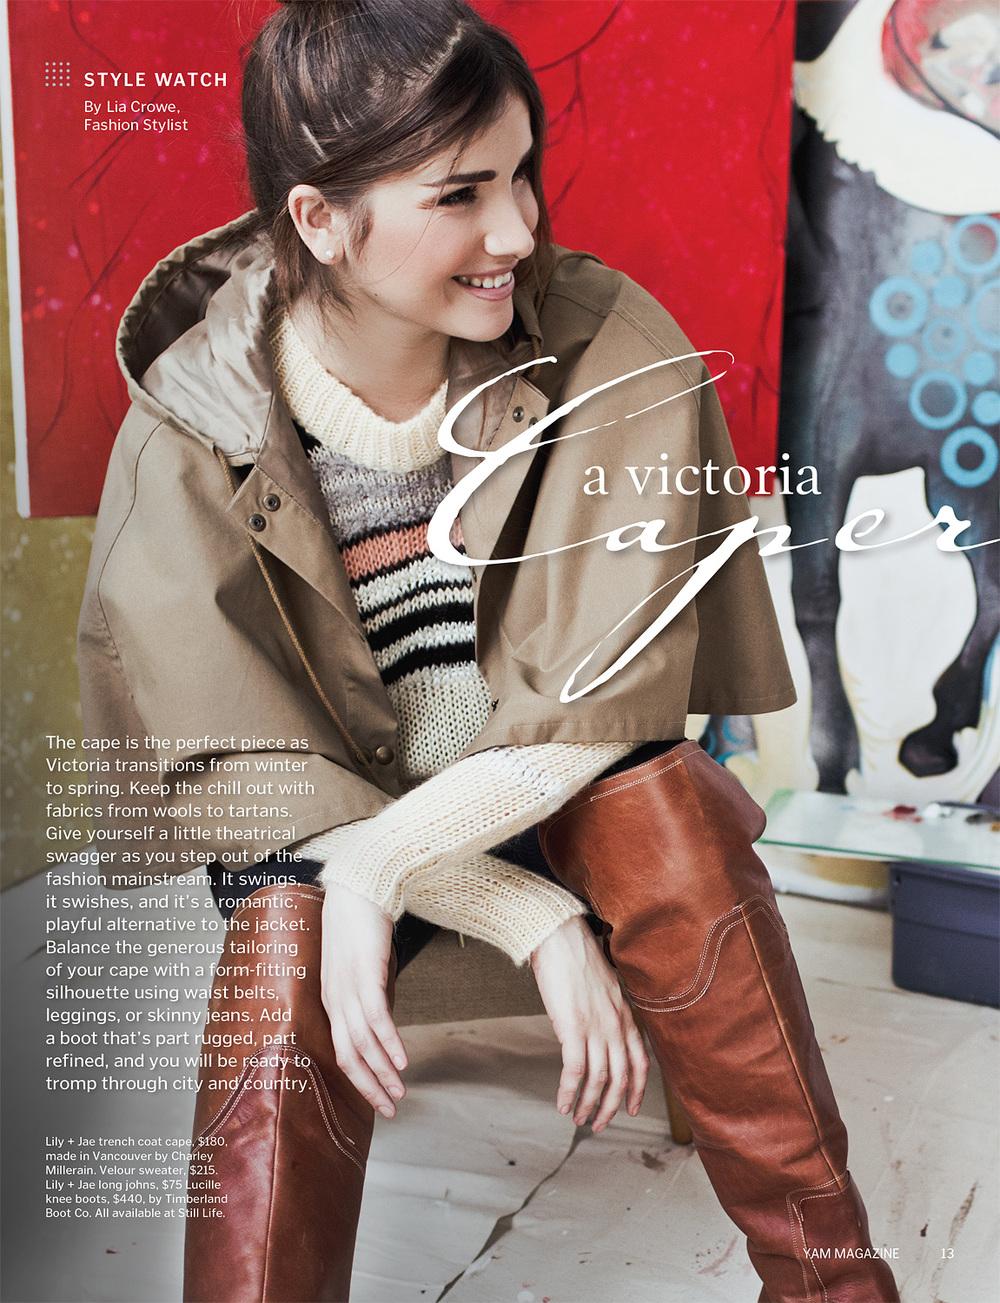 Sofia Méndez Schenone YAM Magazine